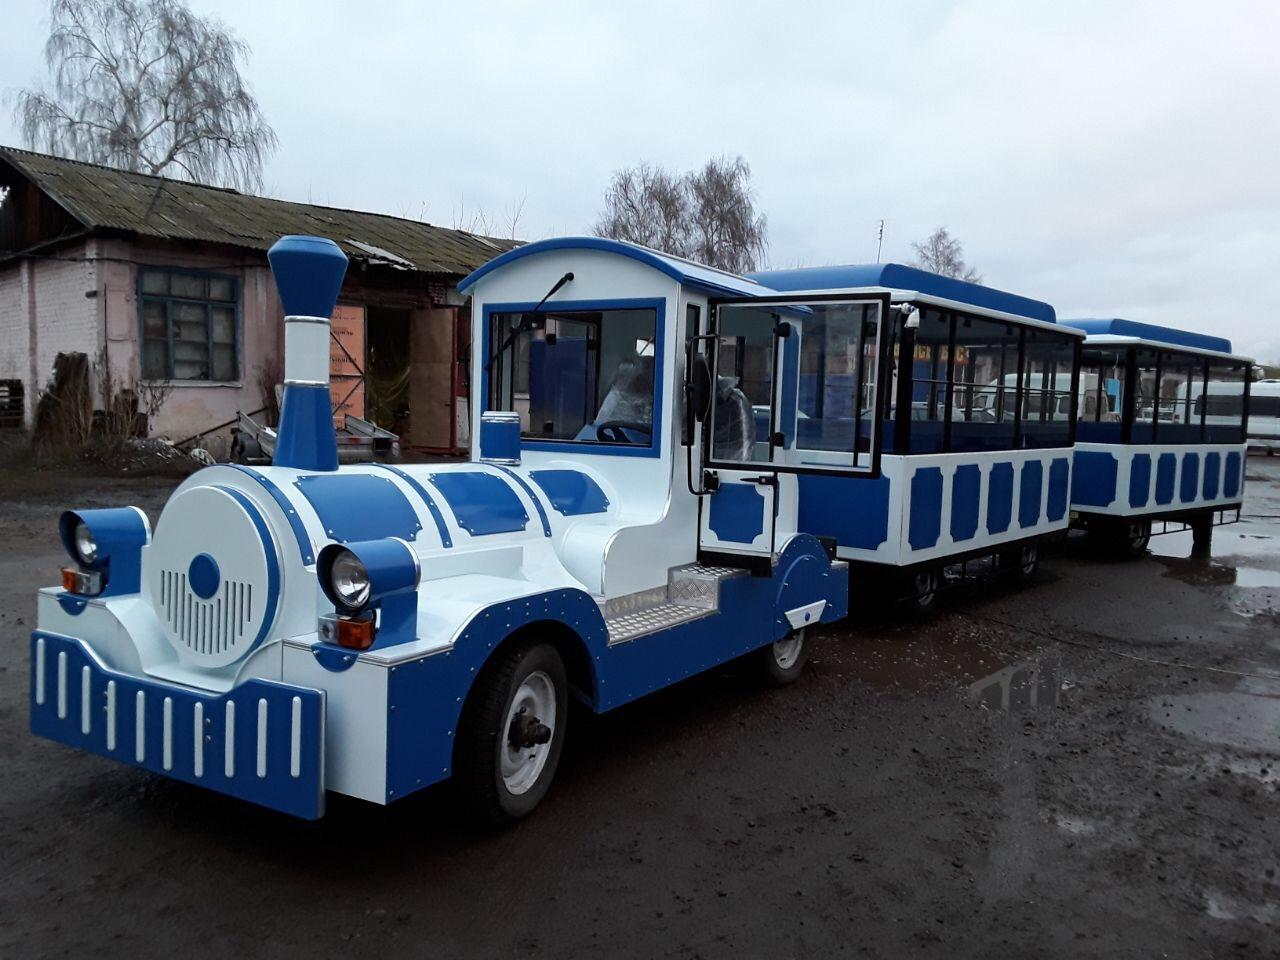 аттракцион поезд, аттракцион автобус, электрическая карета, лондон бас, поезд на рельсах, поезд для парка, аттракцион паровозик, безрельсовый поезд